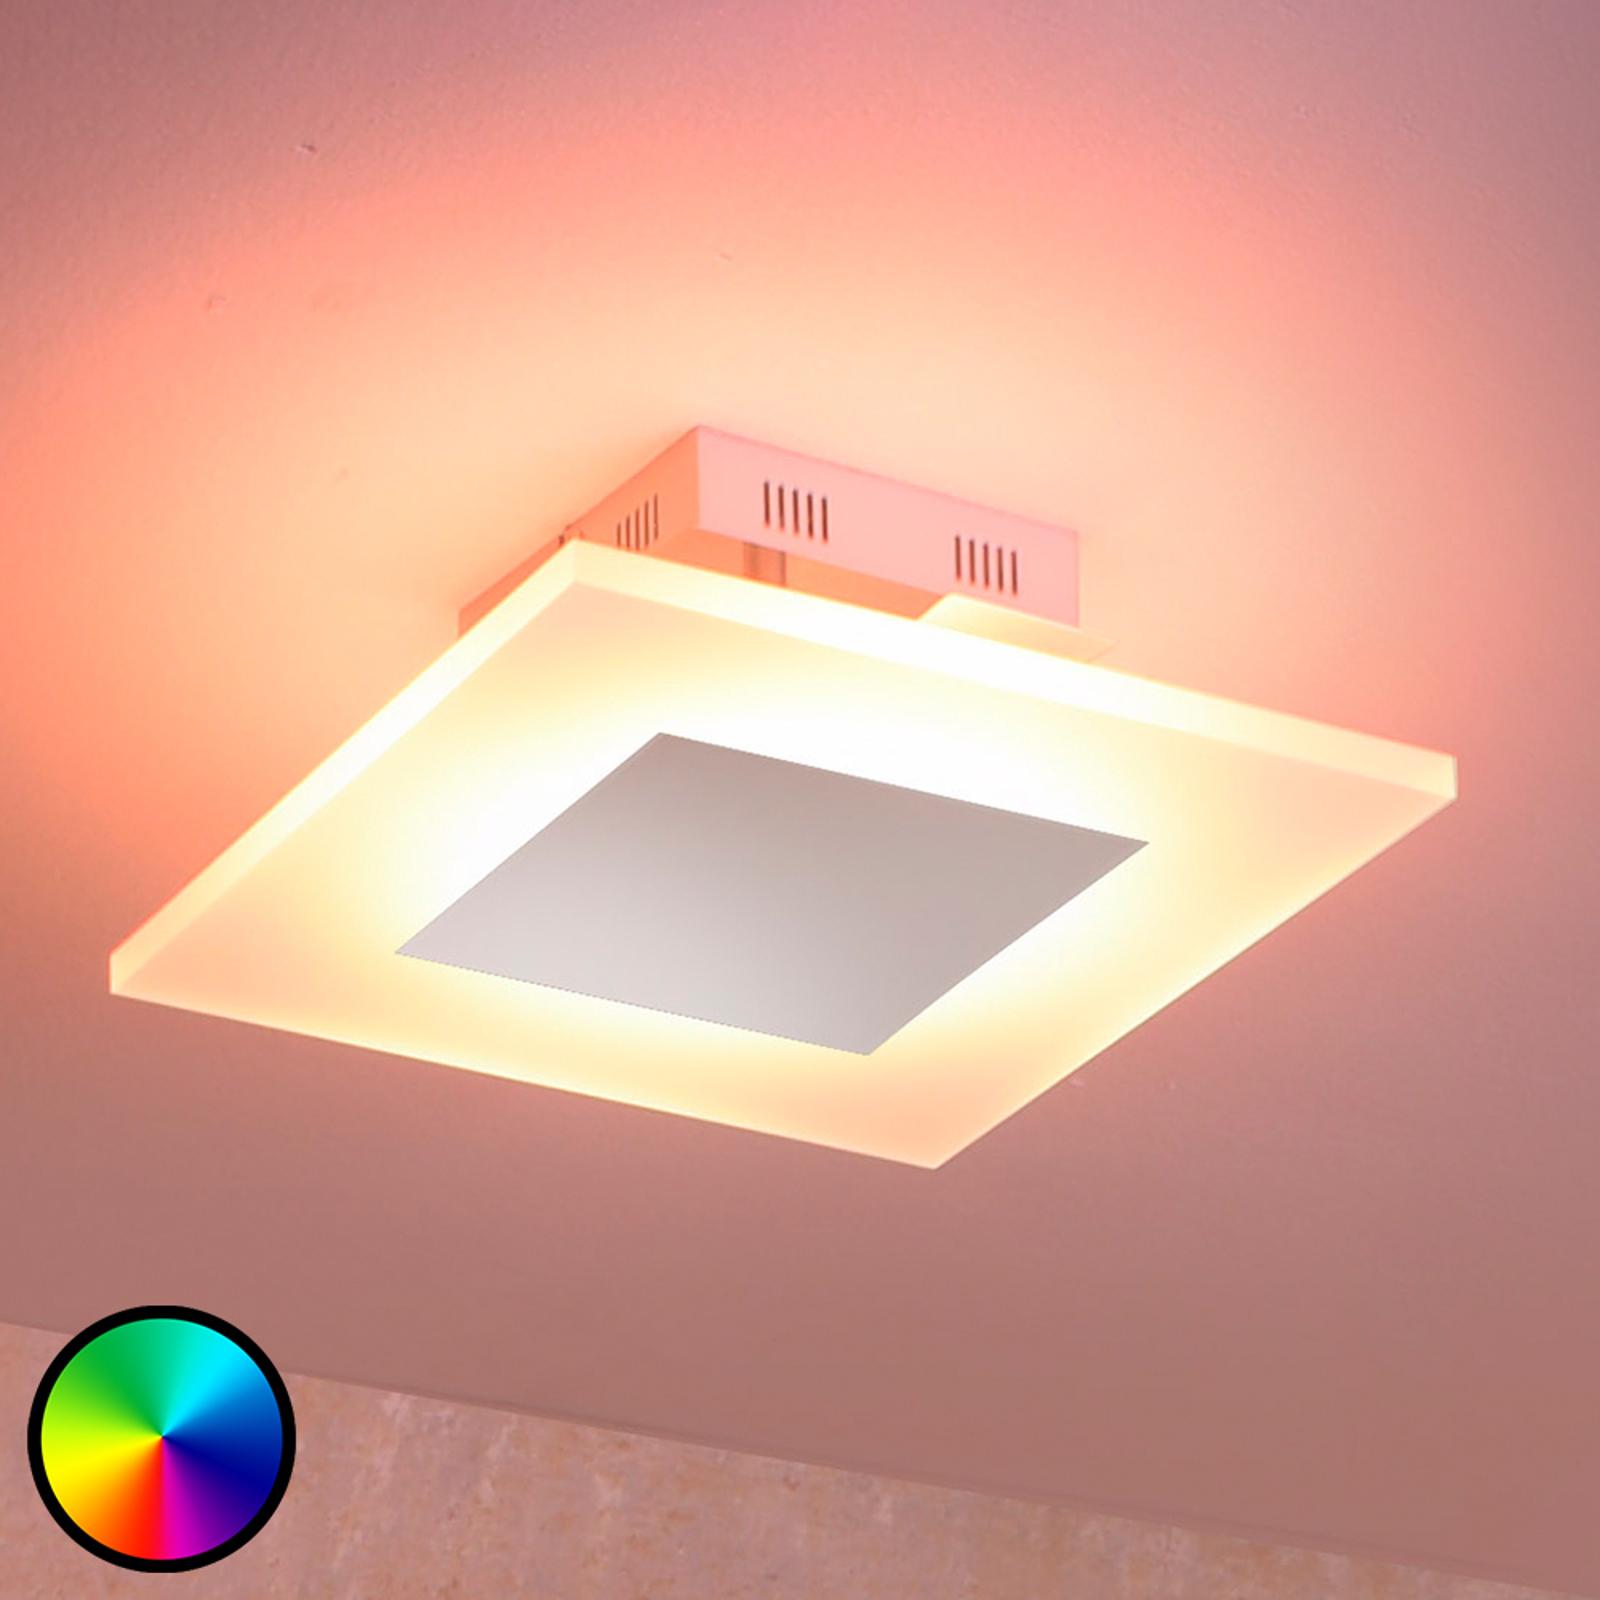 Lampa sufitowa LED Frerk, zmienna barwa światła